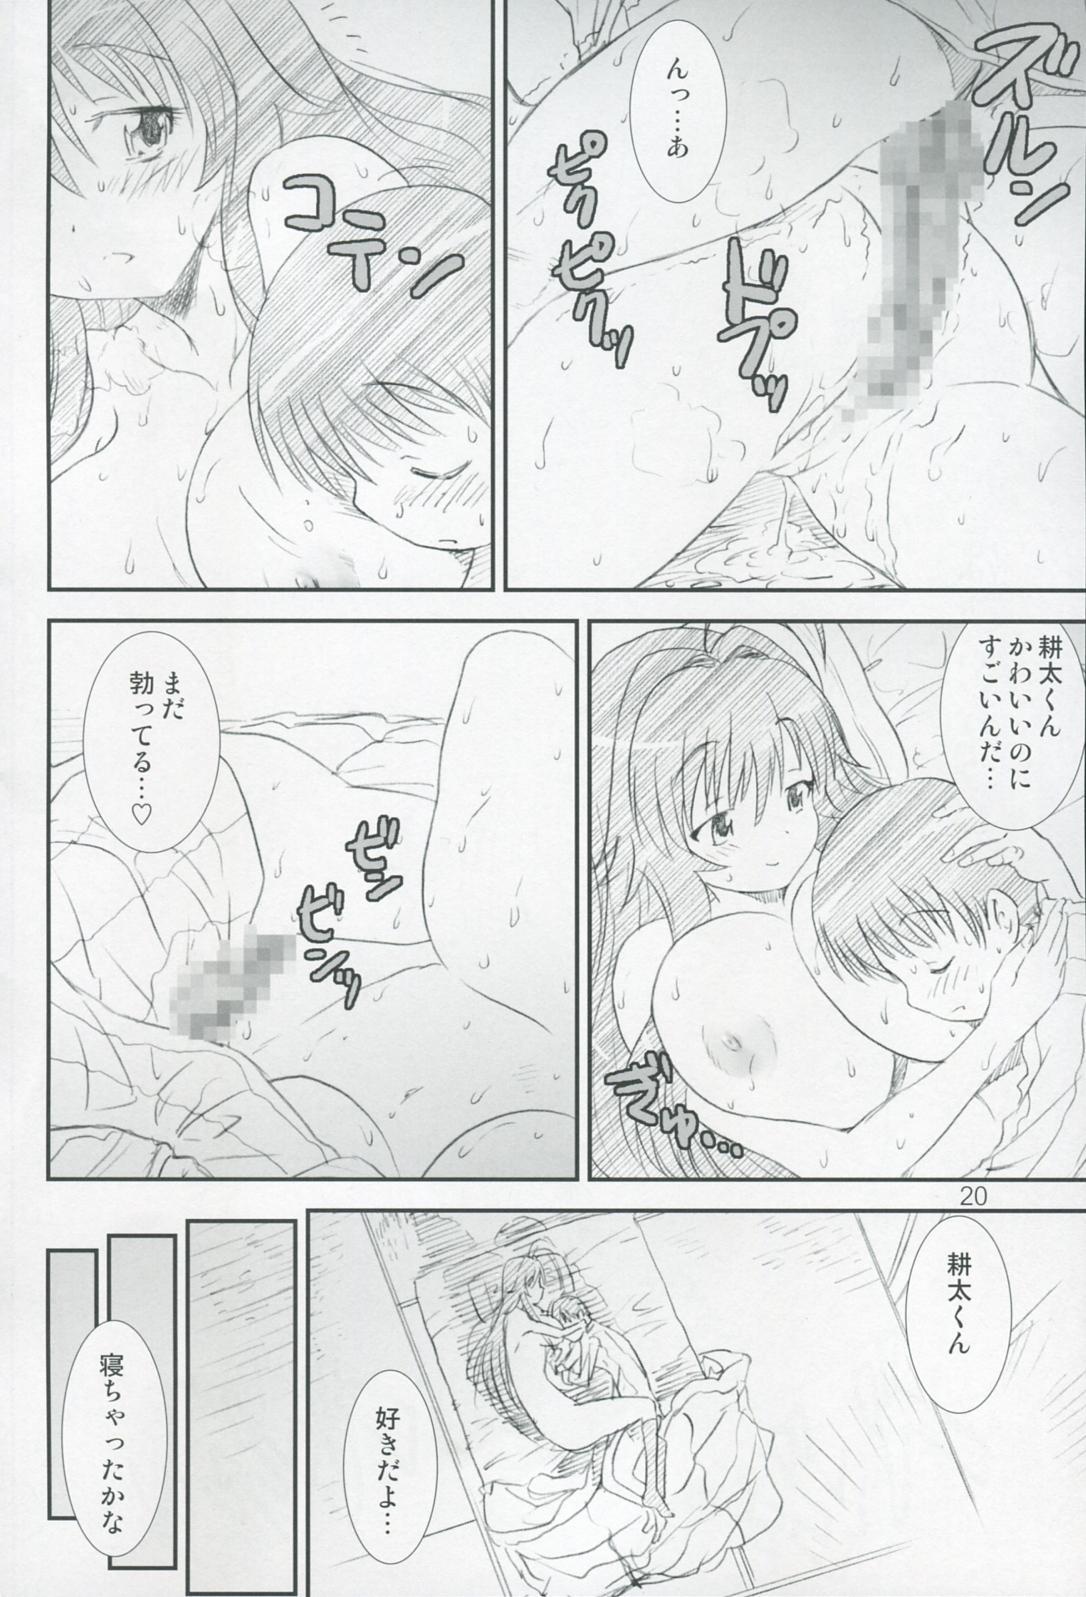 Kikan Yumi Ichirou Dai 9 Gou 18